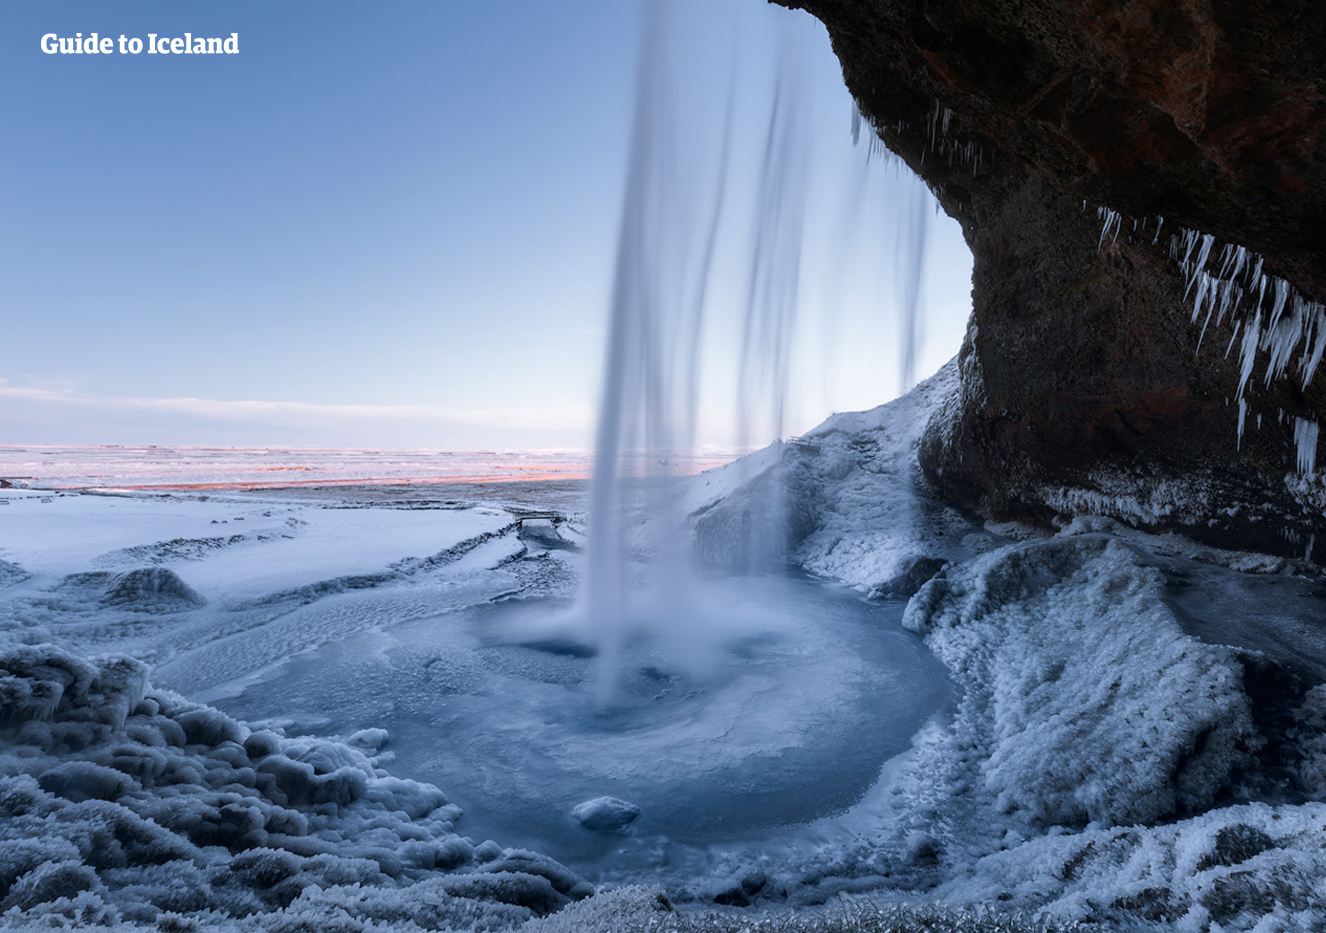 Njut av utsikten bakom det fallande källvattnet i vattenfallet Seljalandsfoss på sydkusten.